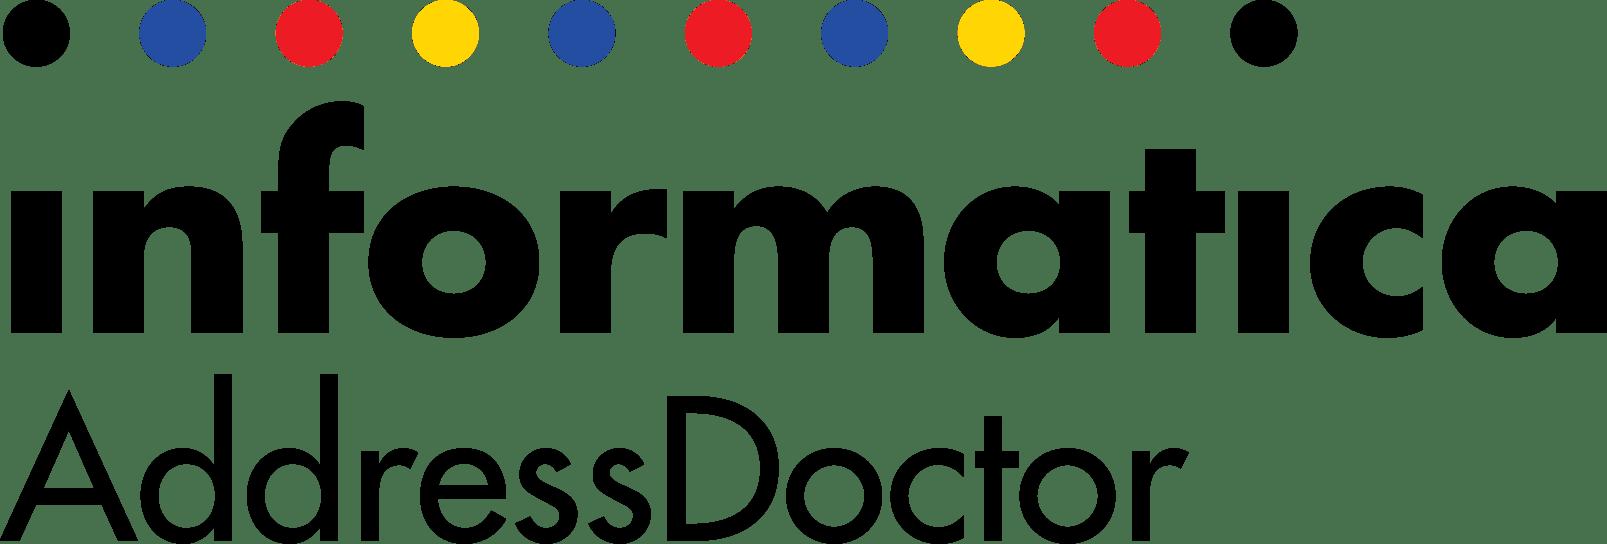 scheuing-768x1152